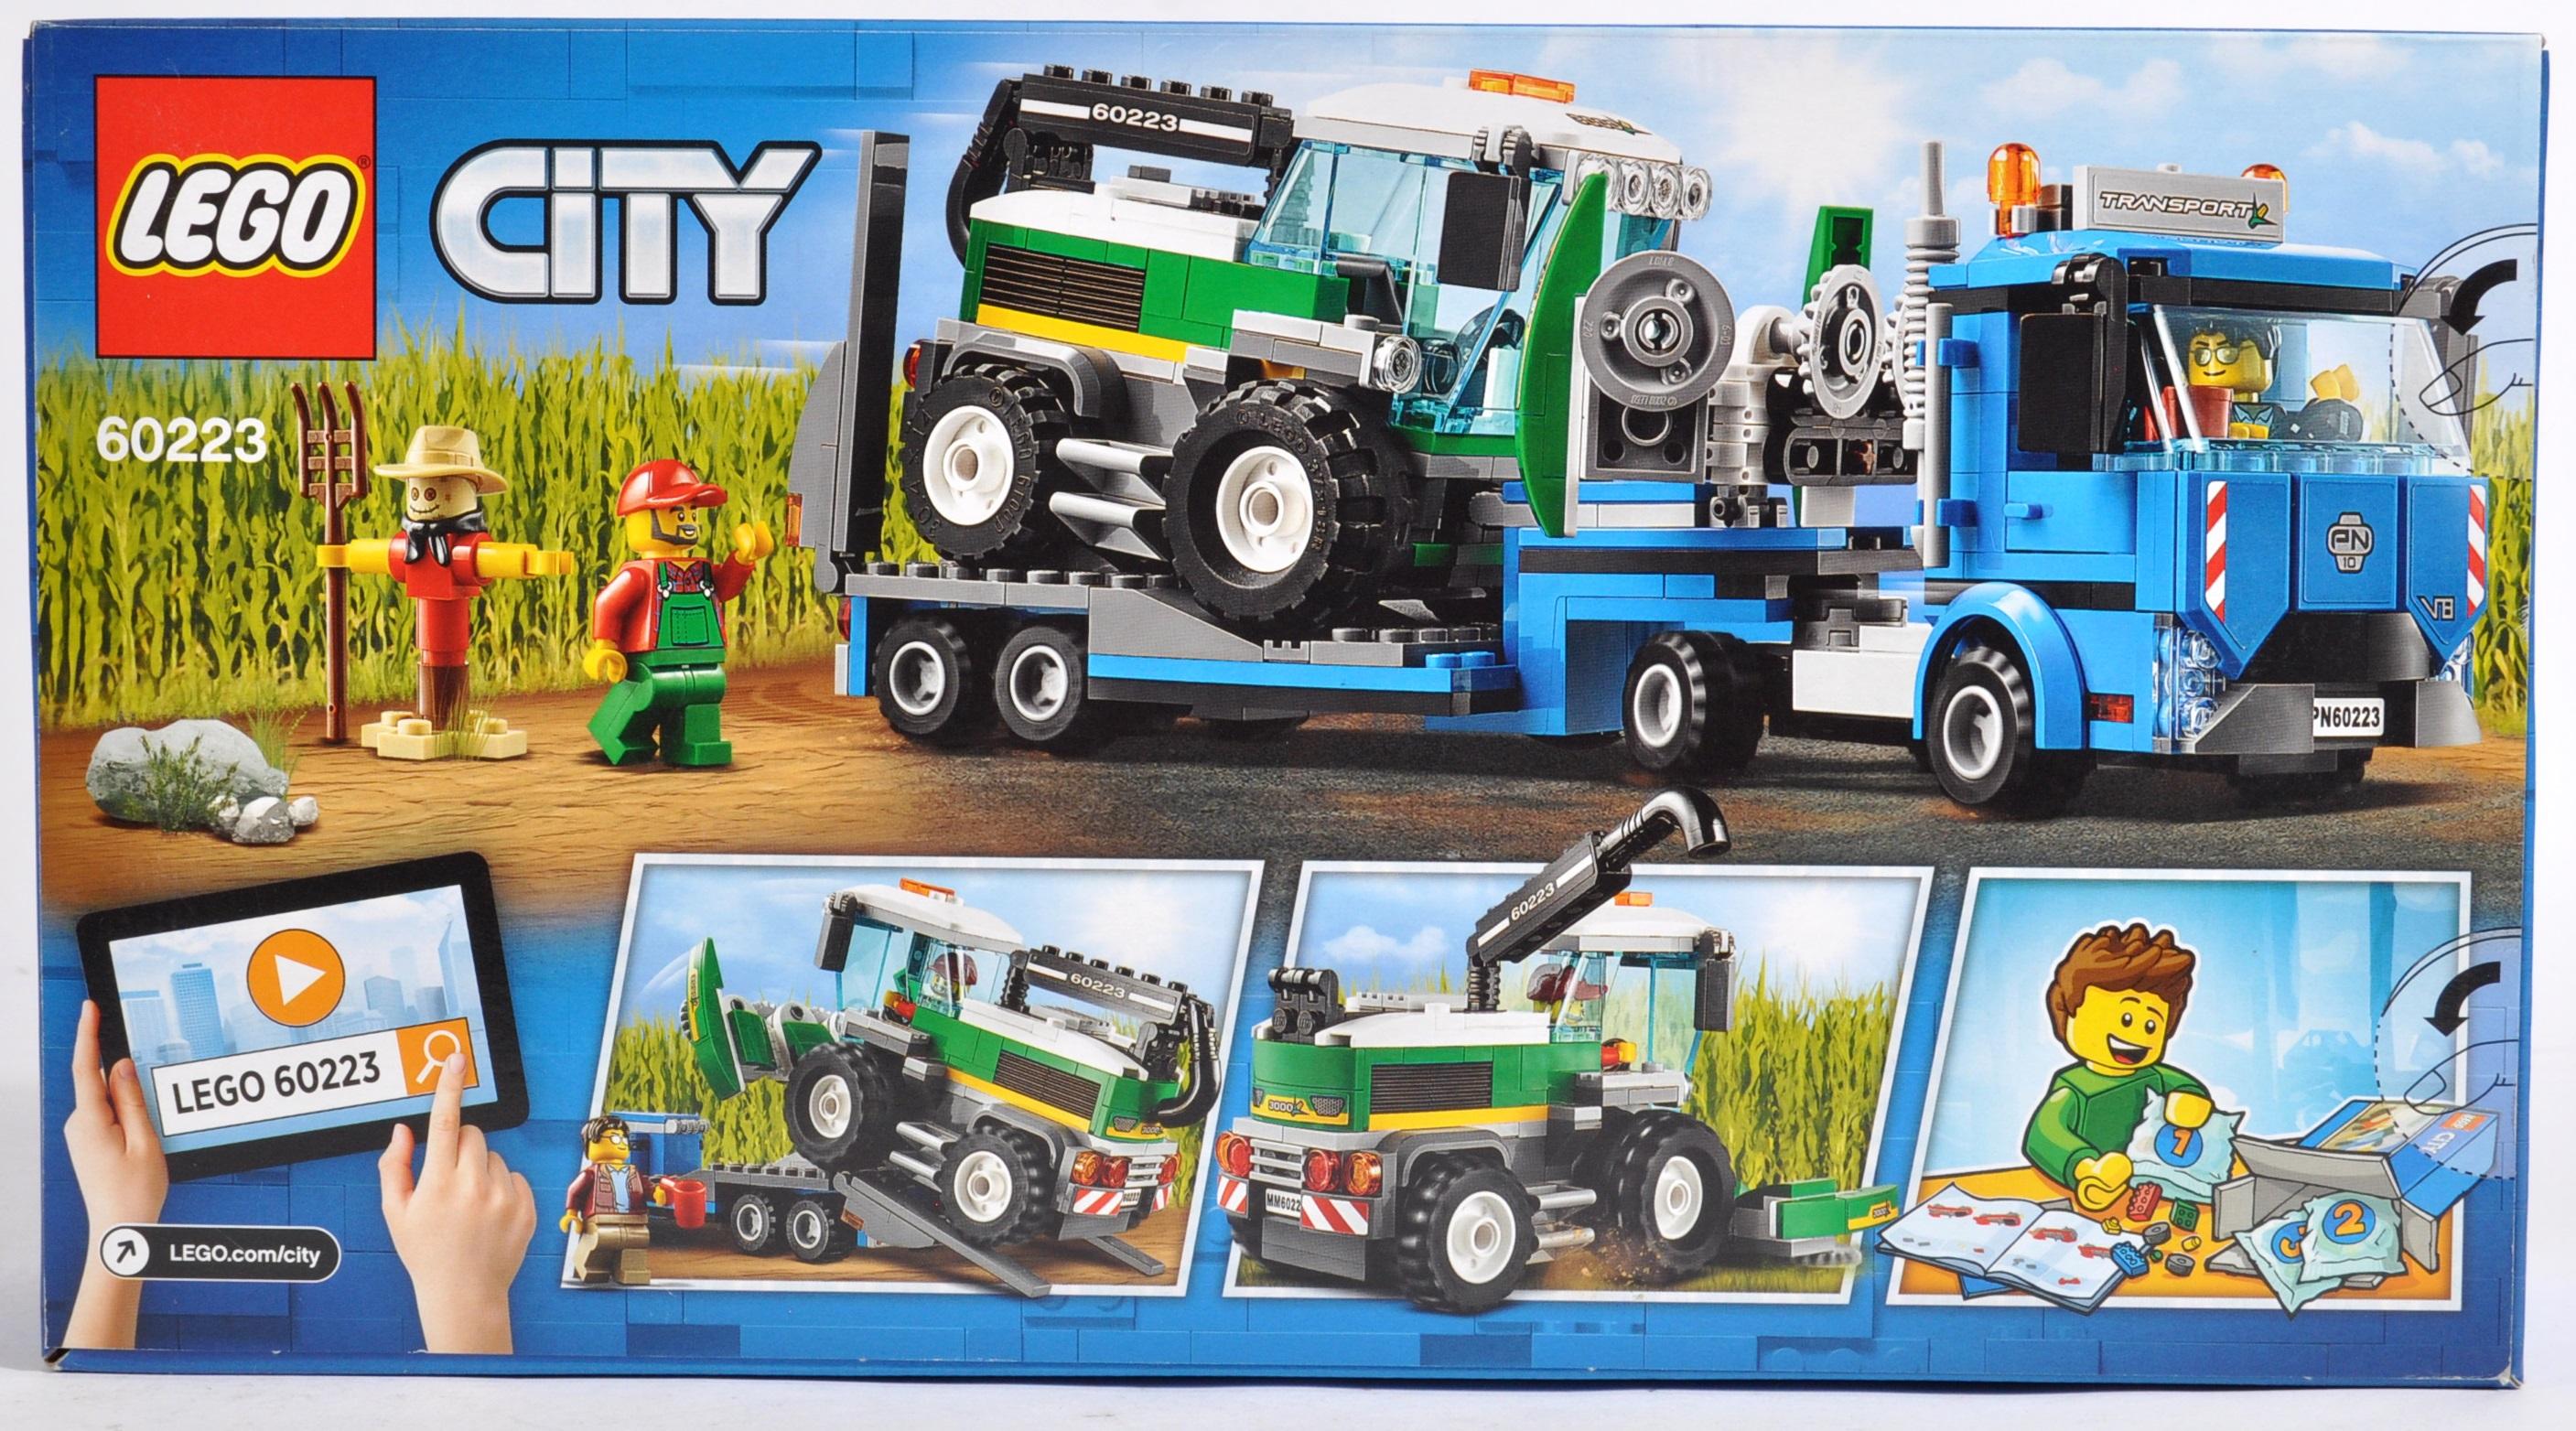 LEGO SETS - LEGO CITY - 60023 / 60056 / 60223 - Image 4 of 11